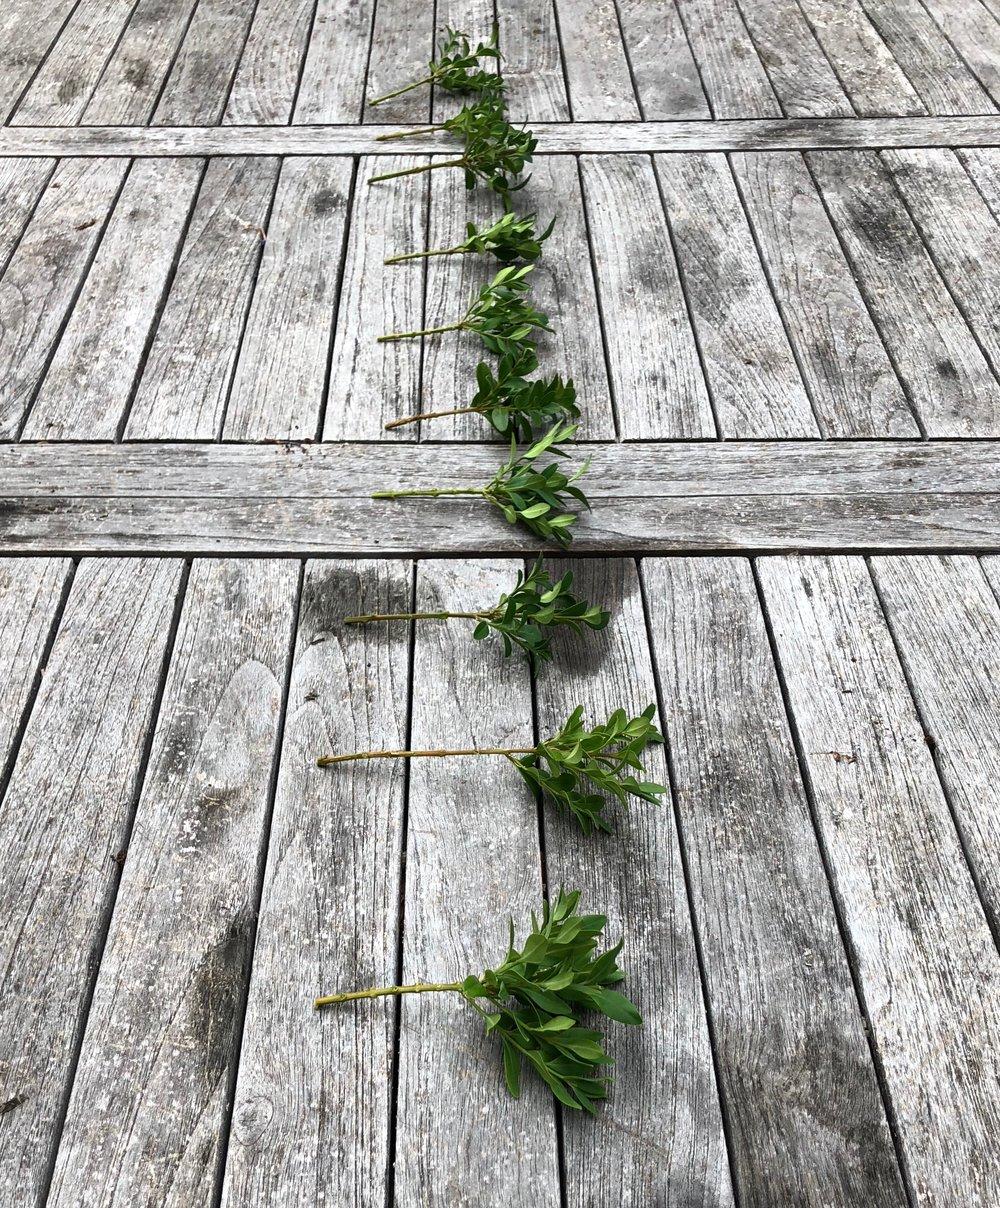 Så stripper jeg de nederste blade af, og klipper toppen lidt til, så de små rødder - når de vokser frem - ikke skal holde liv i for mange blade.